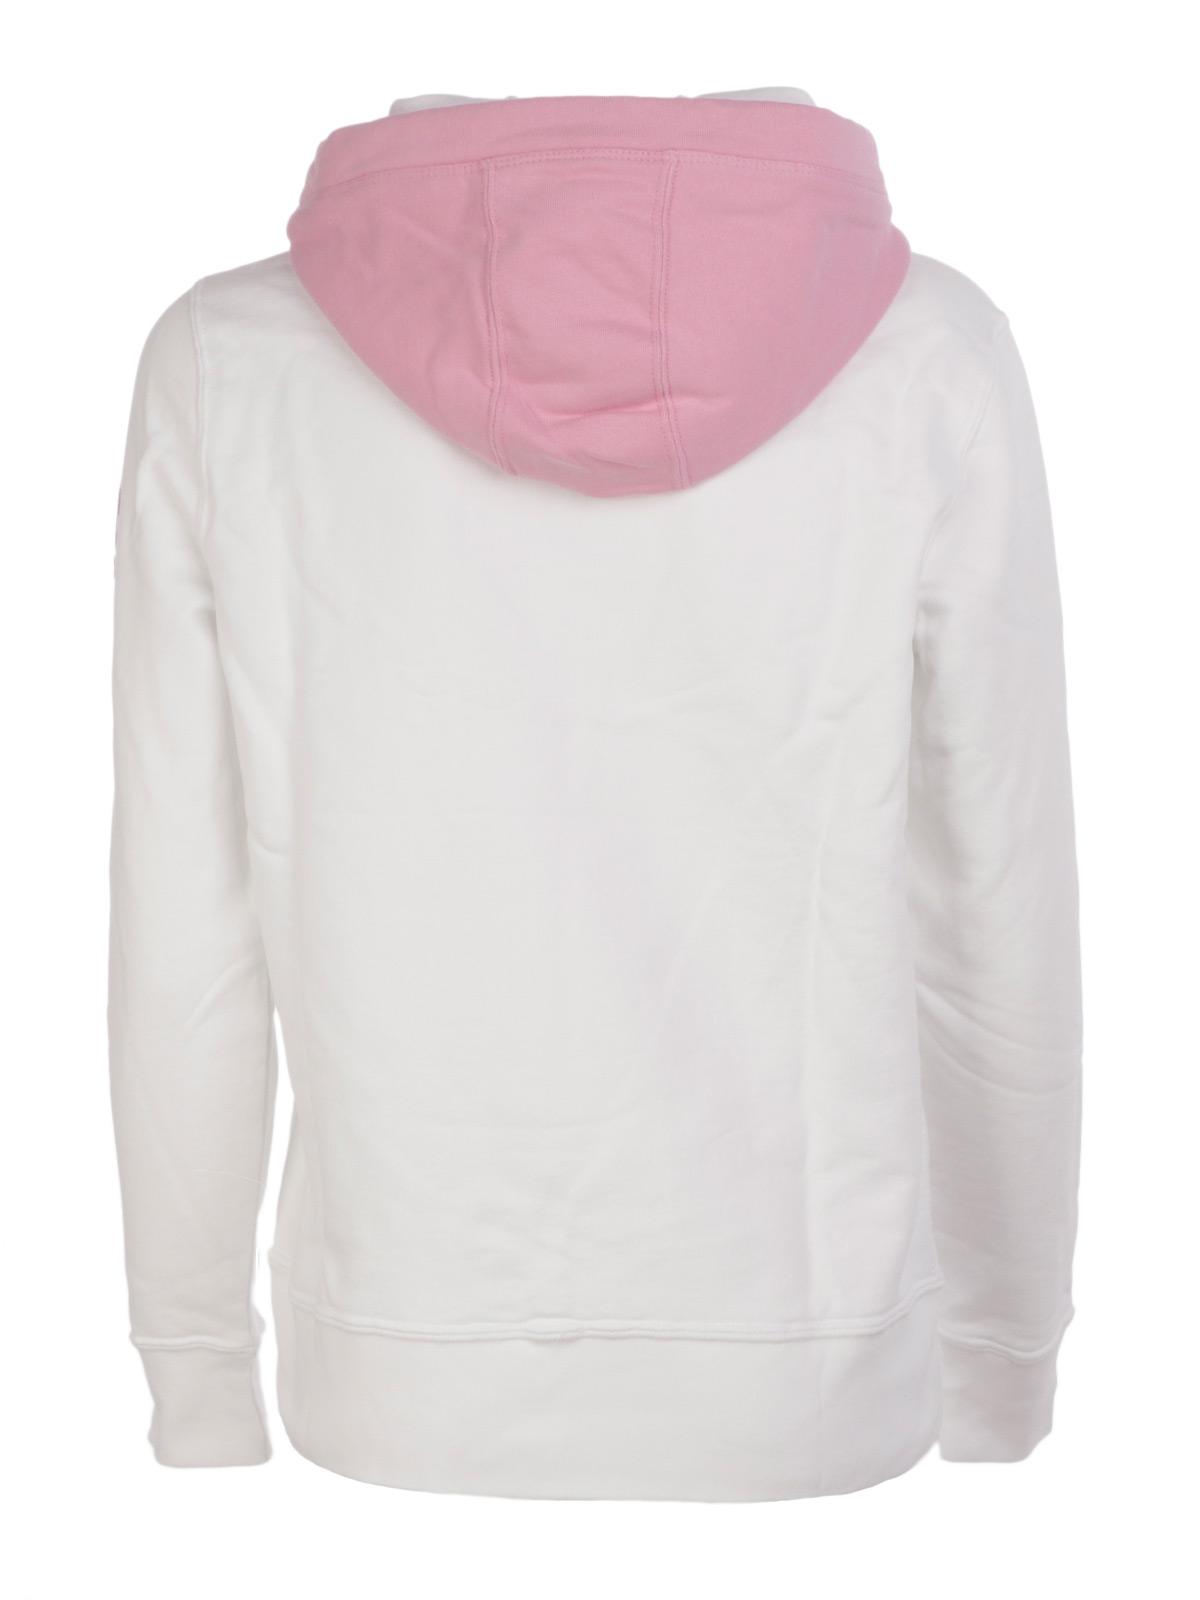 Picture of BEST COMPANY | Women's Hoodie Sweatshirt